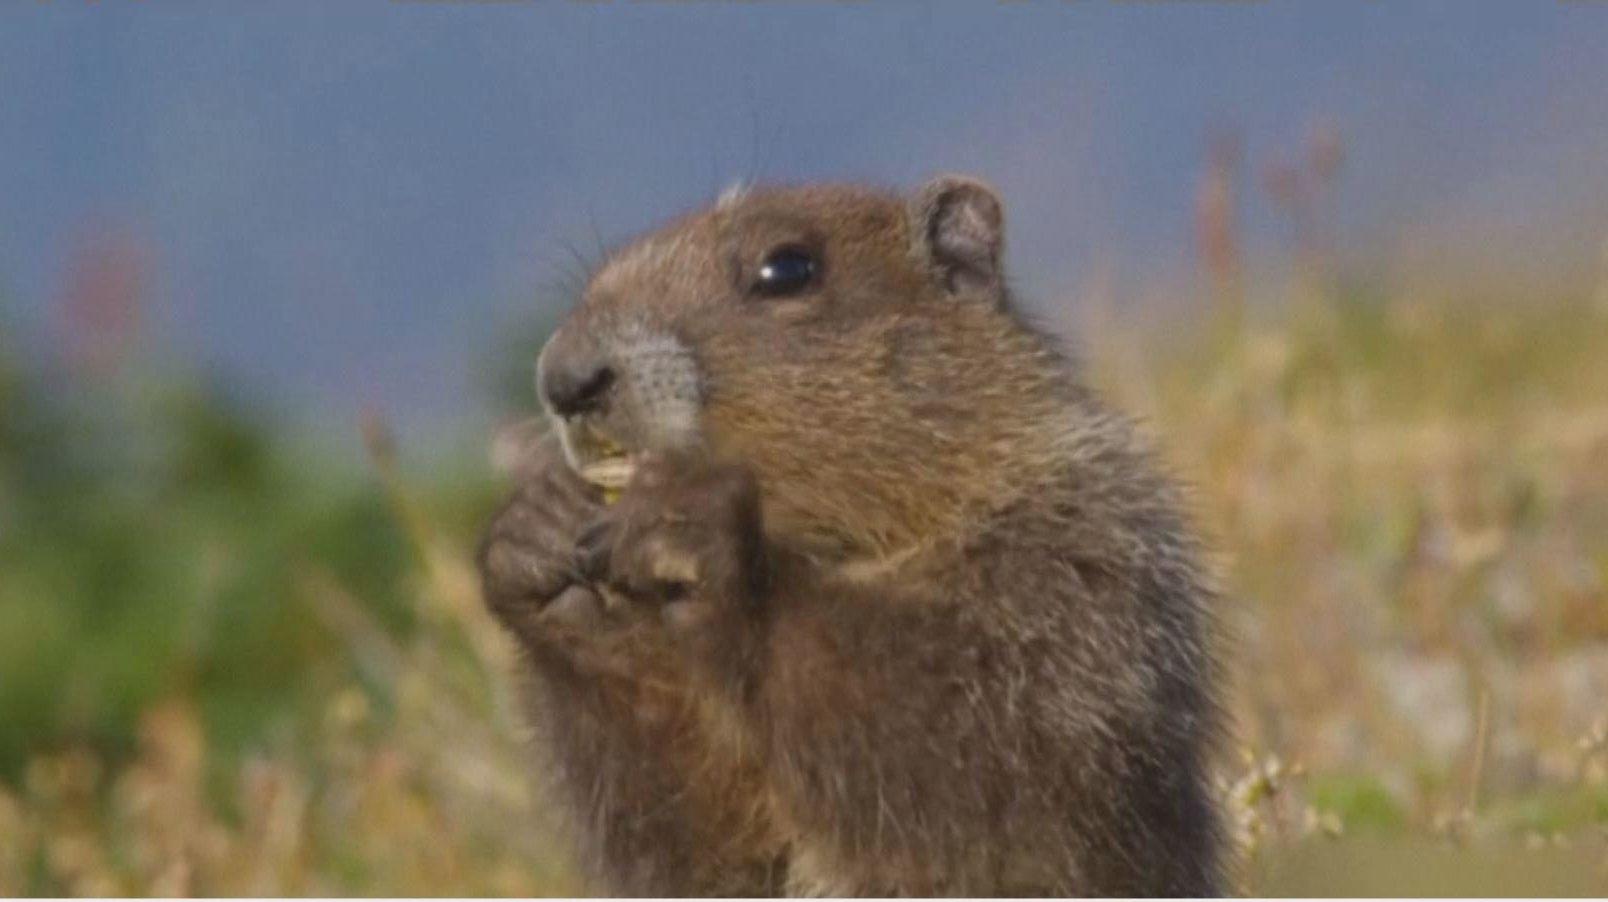 狩猟で捕えたマーモットを食べたモンゴル少年が腺ペストに罹り死亡